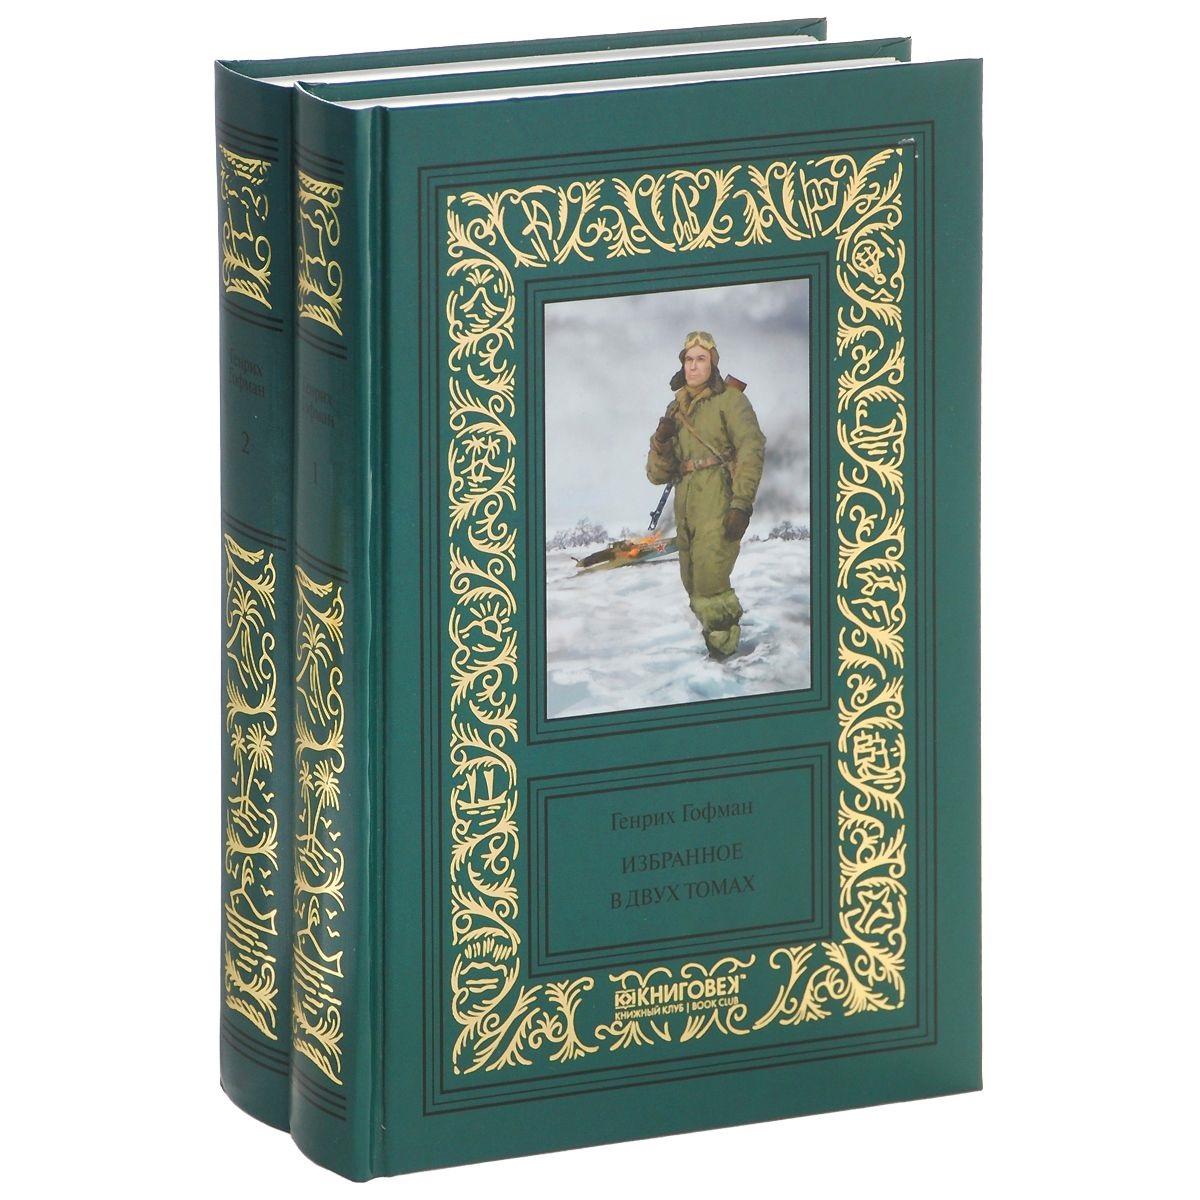 Гофман Г. Генрих Гофман. Избранное в двух томах (комплект из 2 книг) логос 1991 2005 избранное в 2 томах комплект из 2 книг